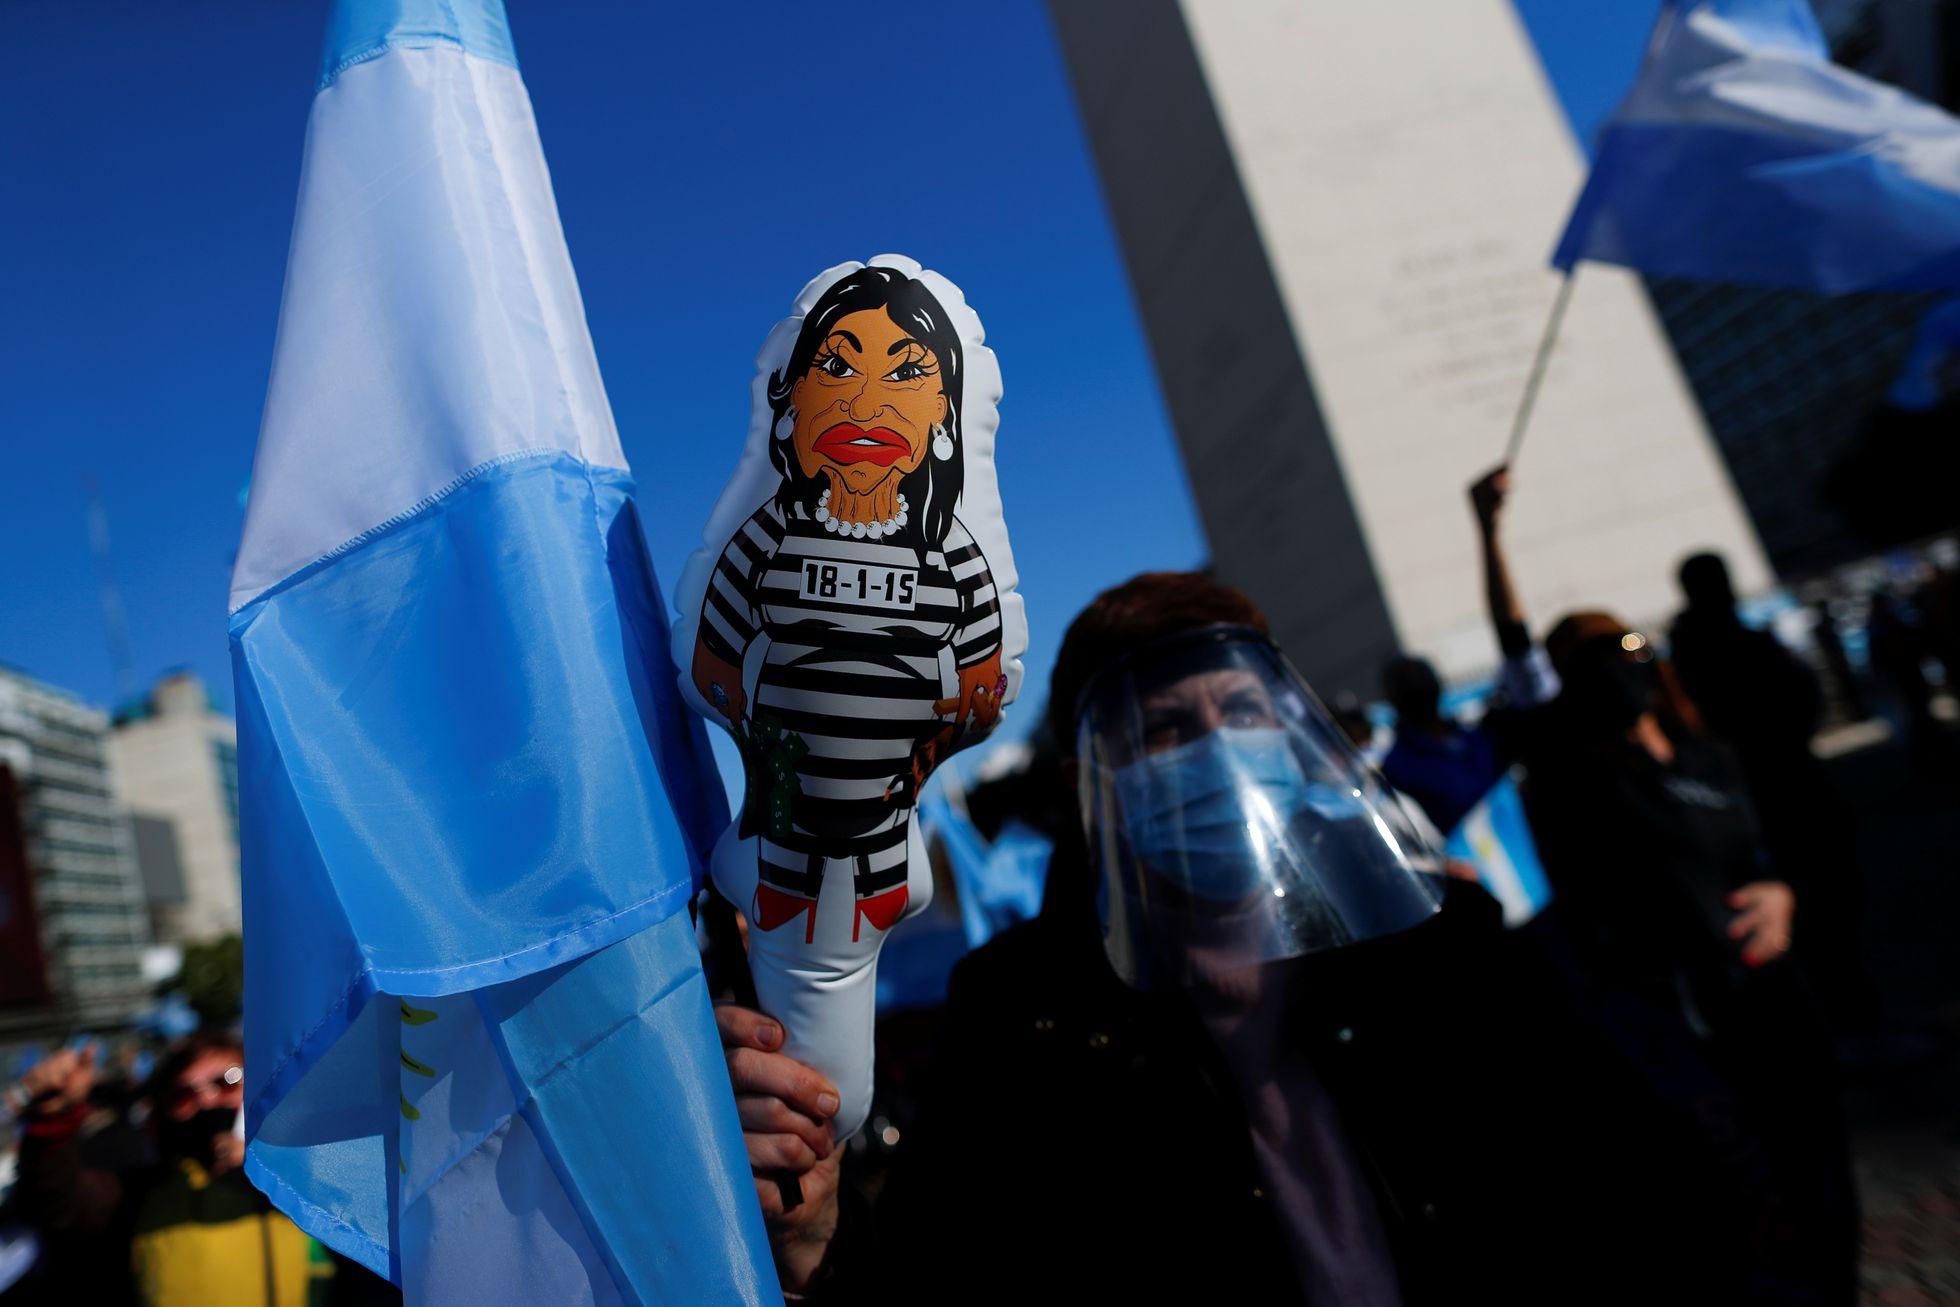 Una protesta en Buenos Aires contra la vicepresidenta de Argentina, Cristina Fernández de Kirchner, en agosto de 2020.